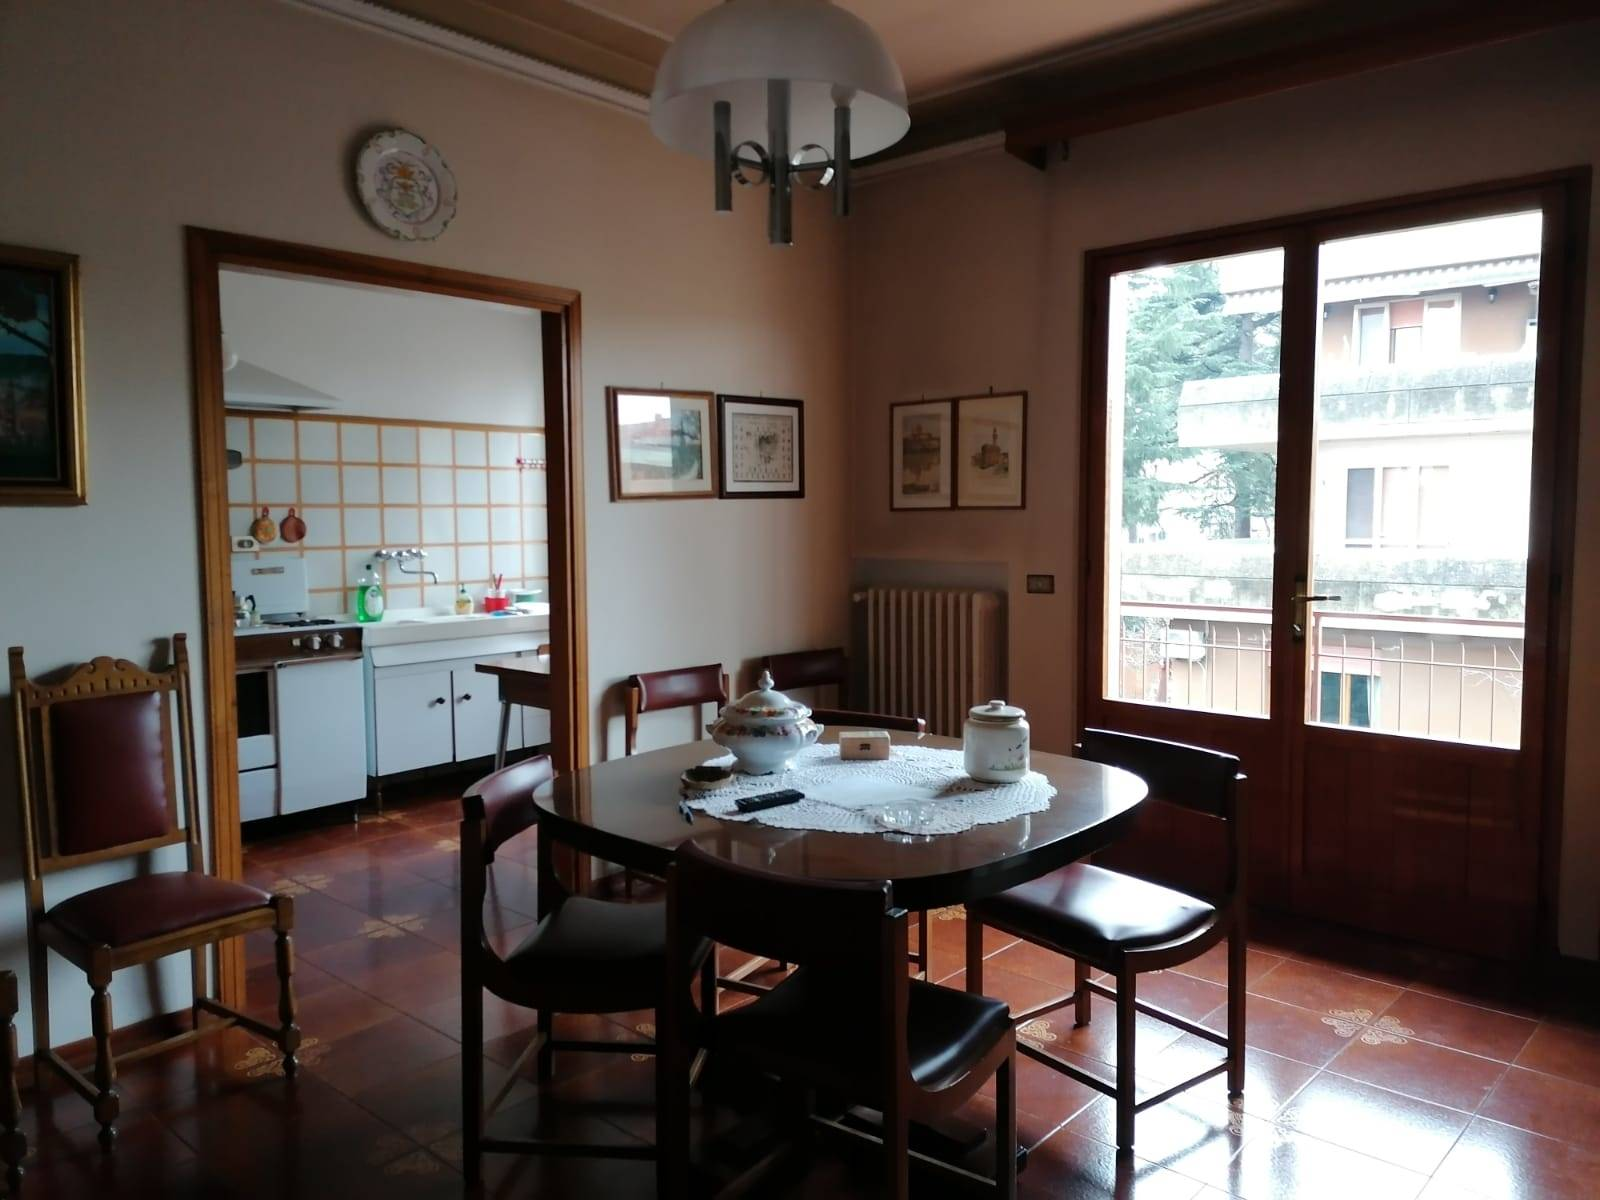 Villa in Vendita a Campi bisenzio zona  - immagine 28